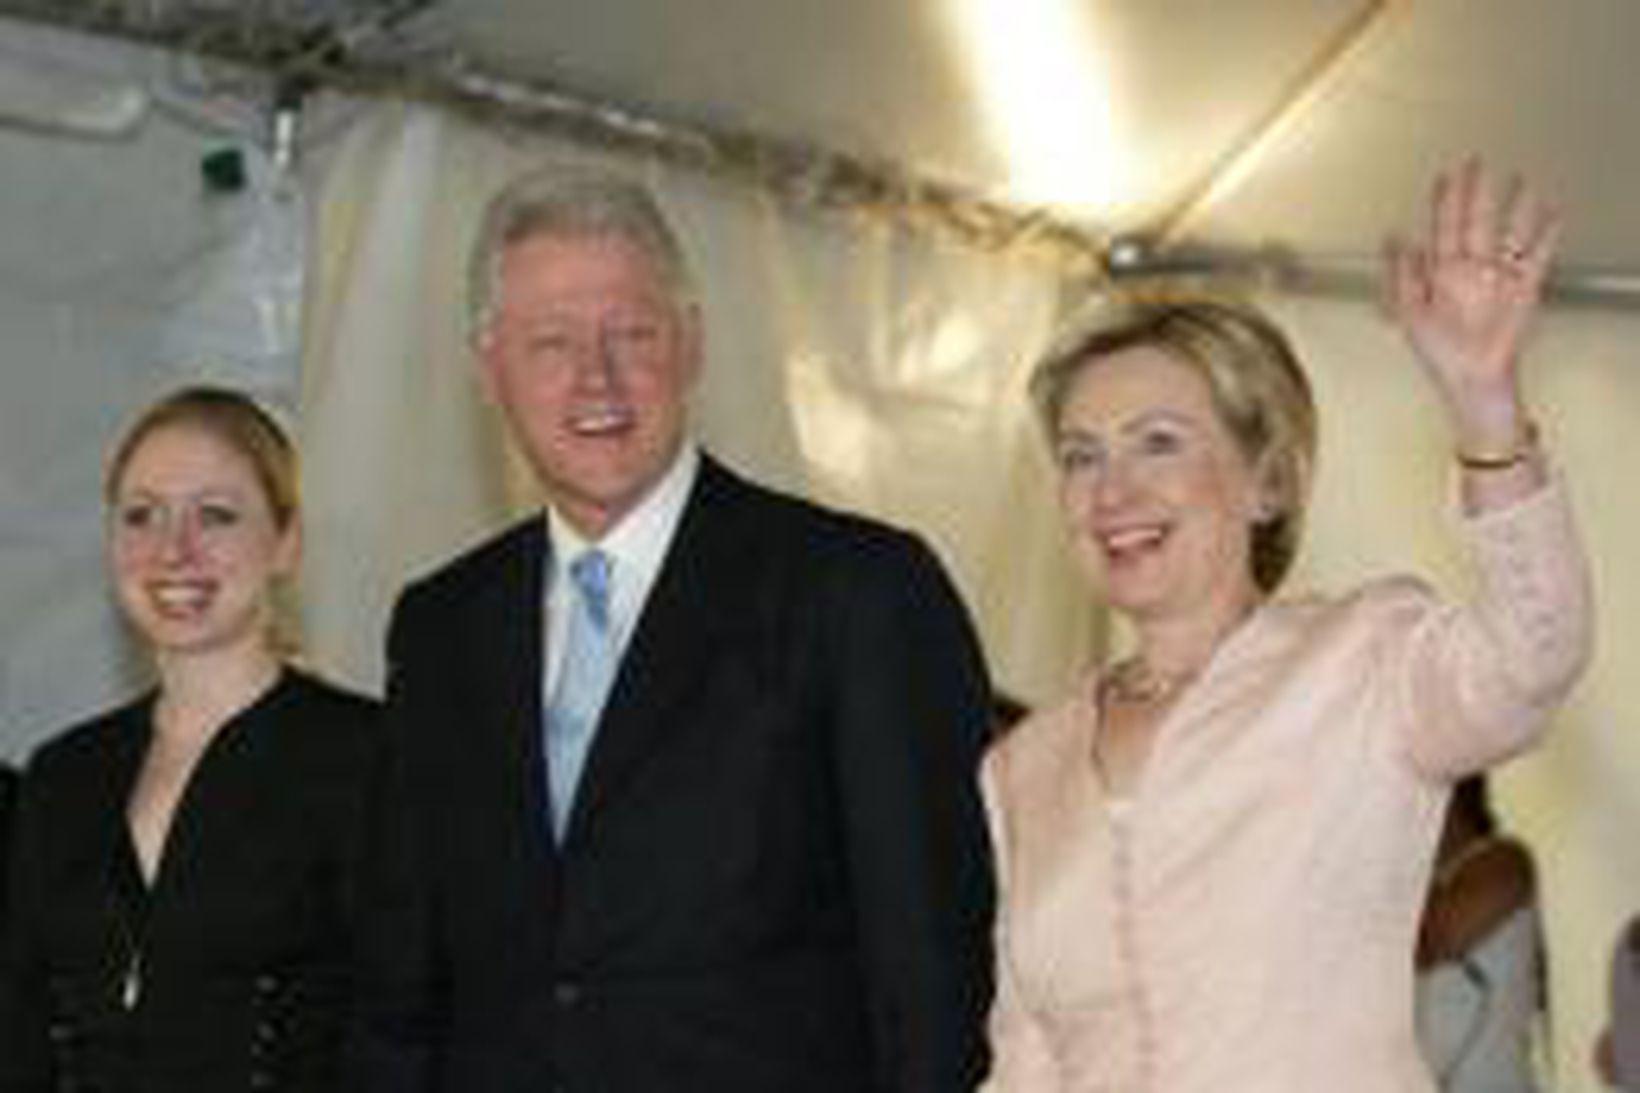 Bill Clinton hefur nóg að gera við að kynna nýútkomna …